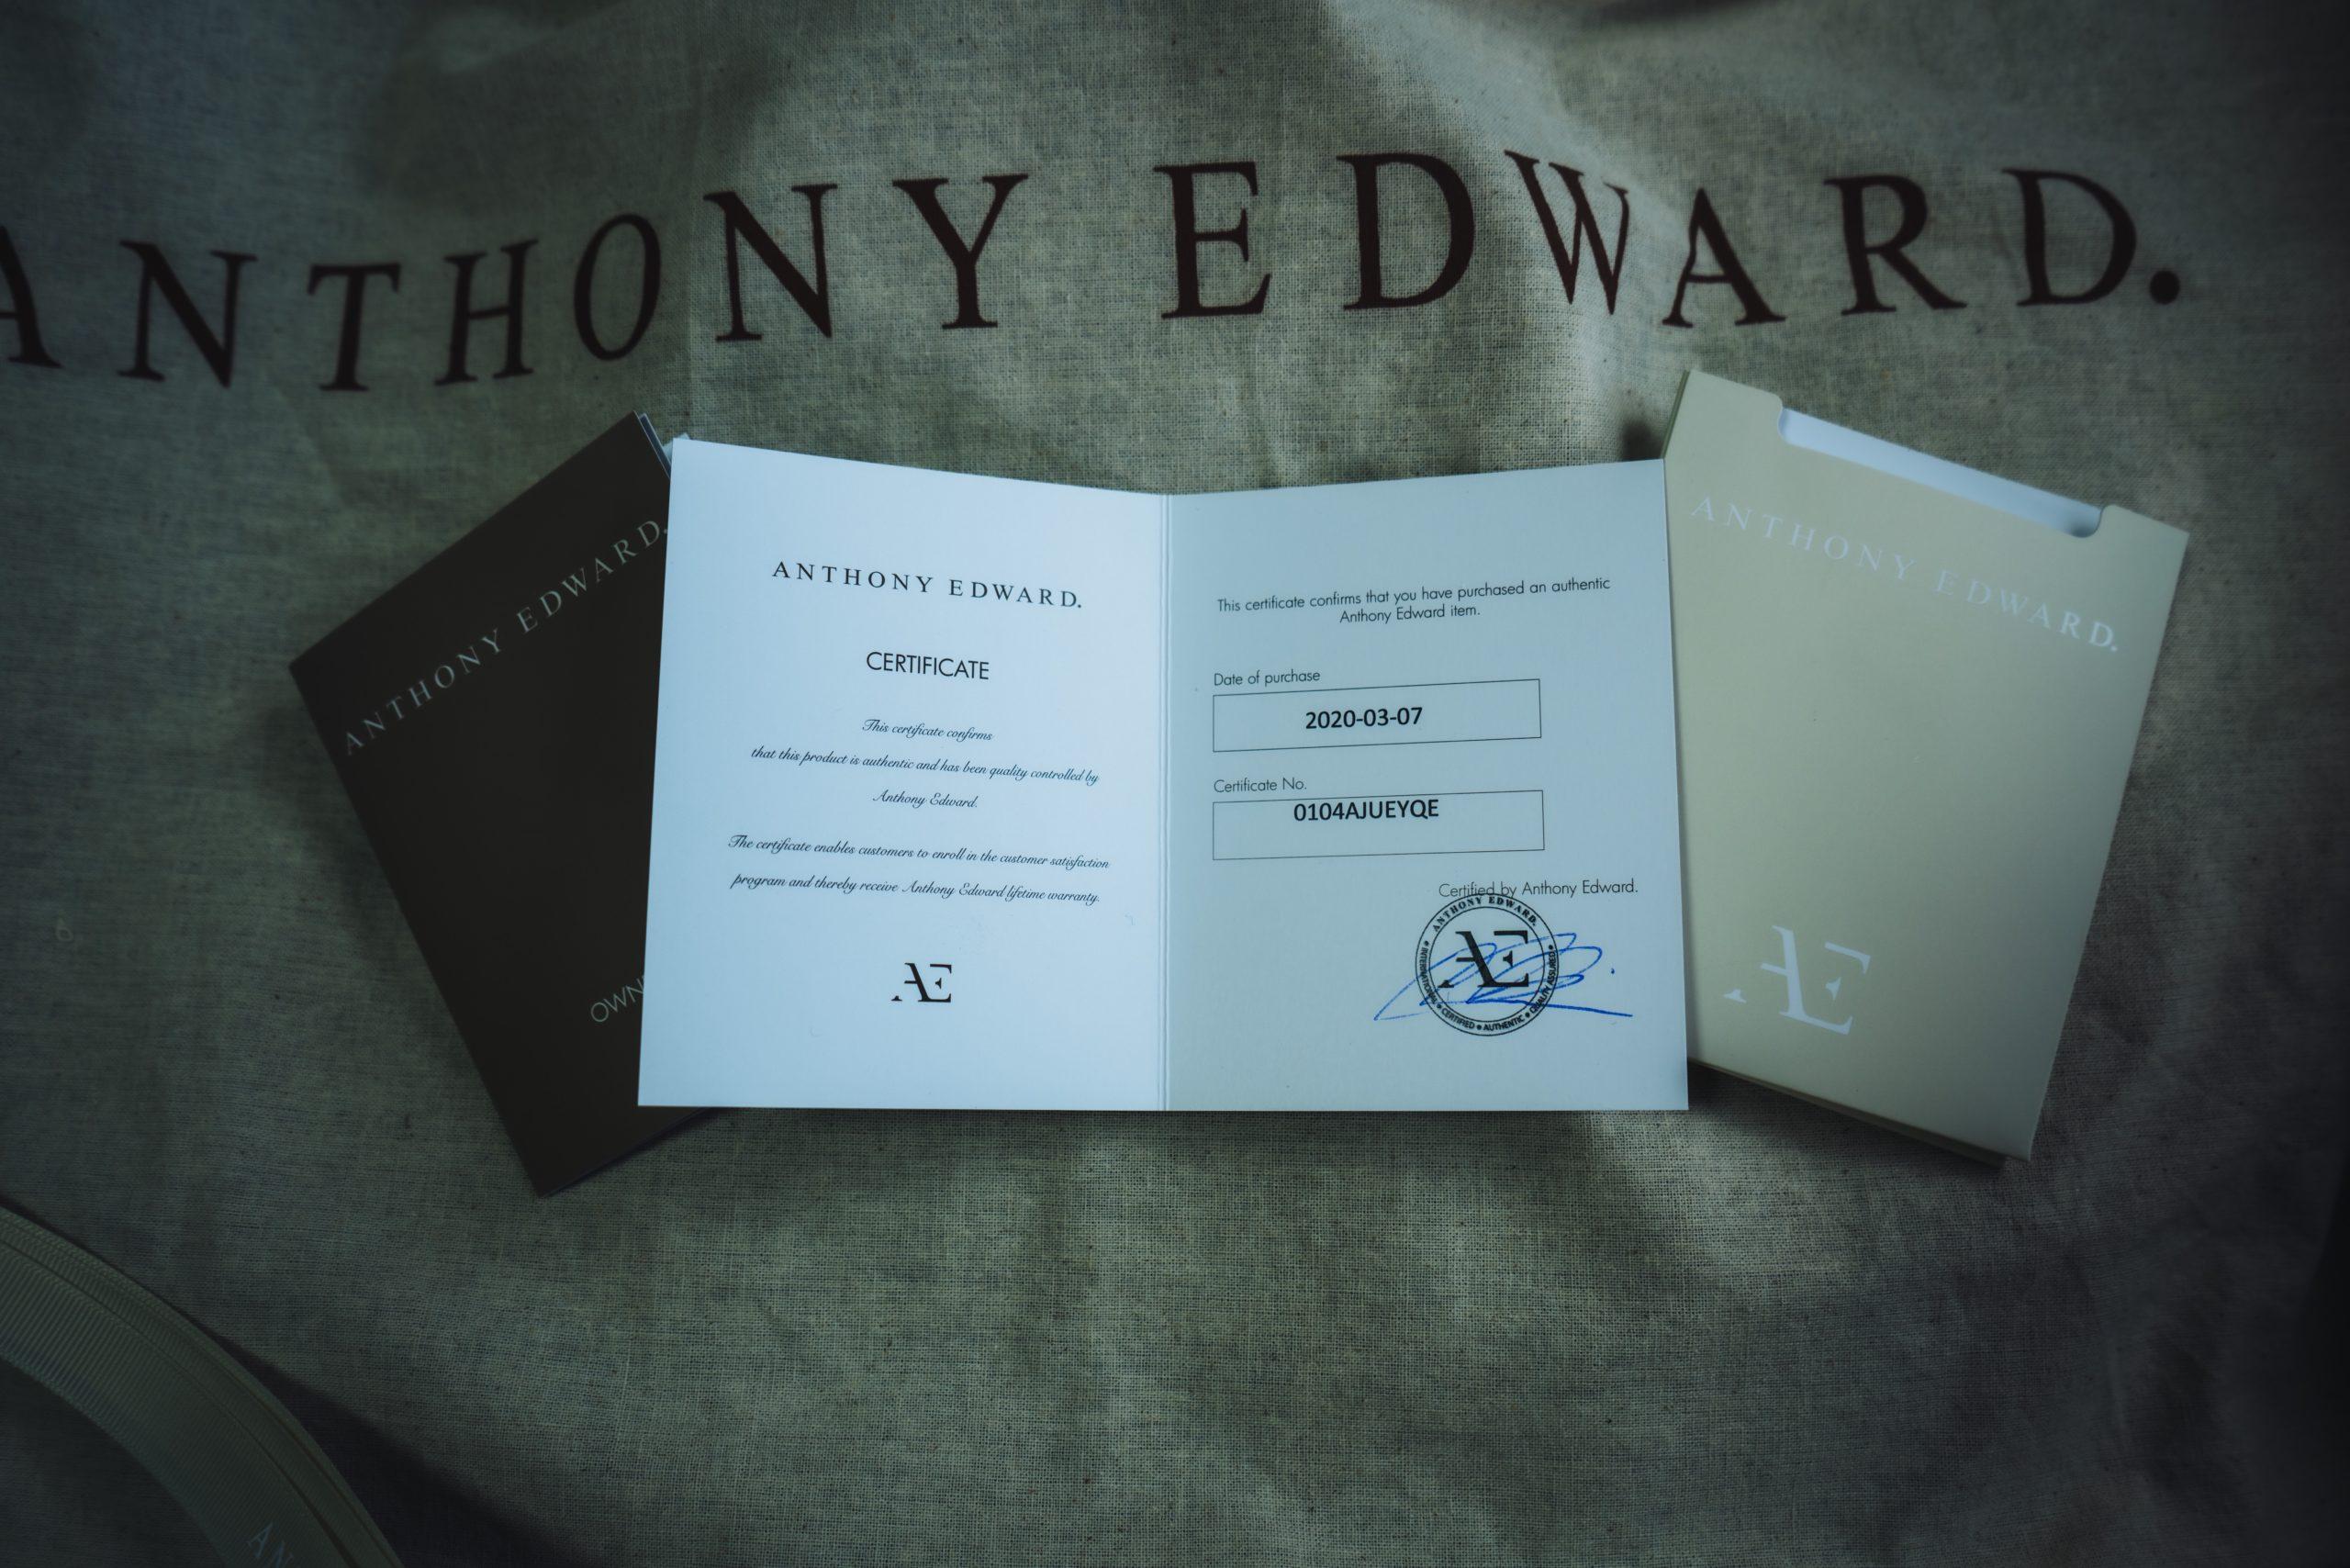 ANTHONY EDWARD 製品保証書